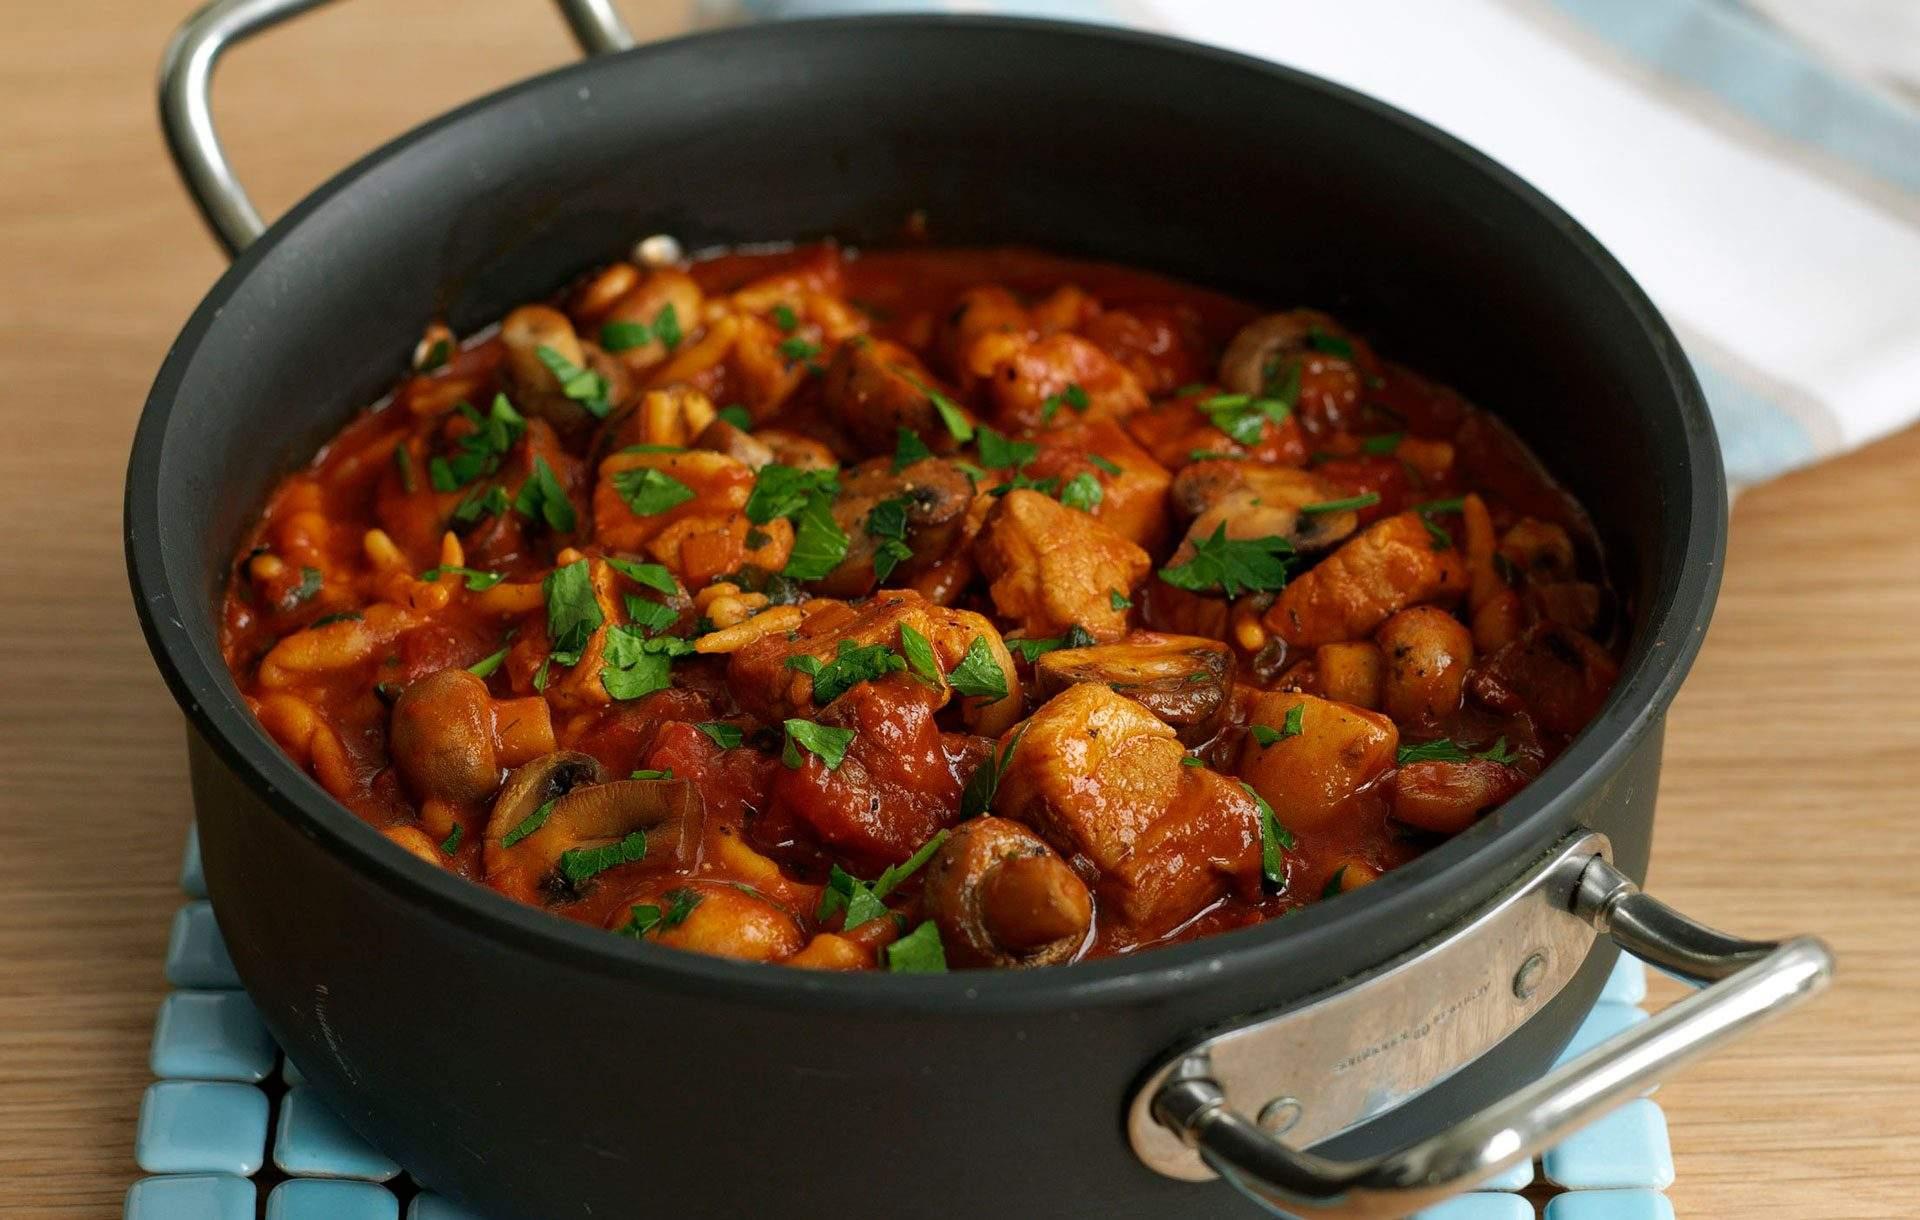 Estofado de cerdo y pimienta ¡Te encantará esta receta fácil de gulash de cerdo!